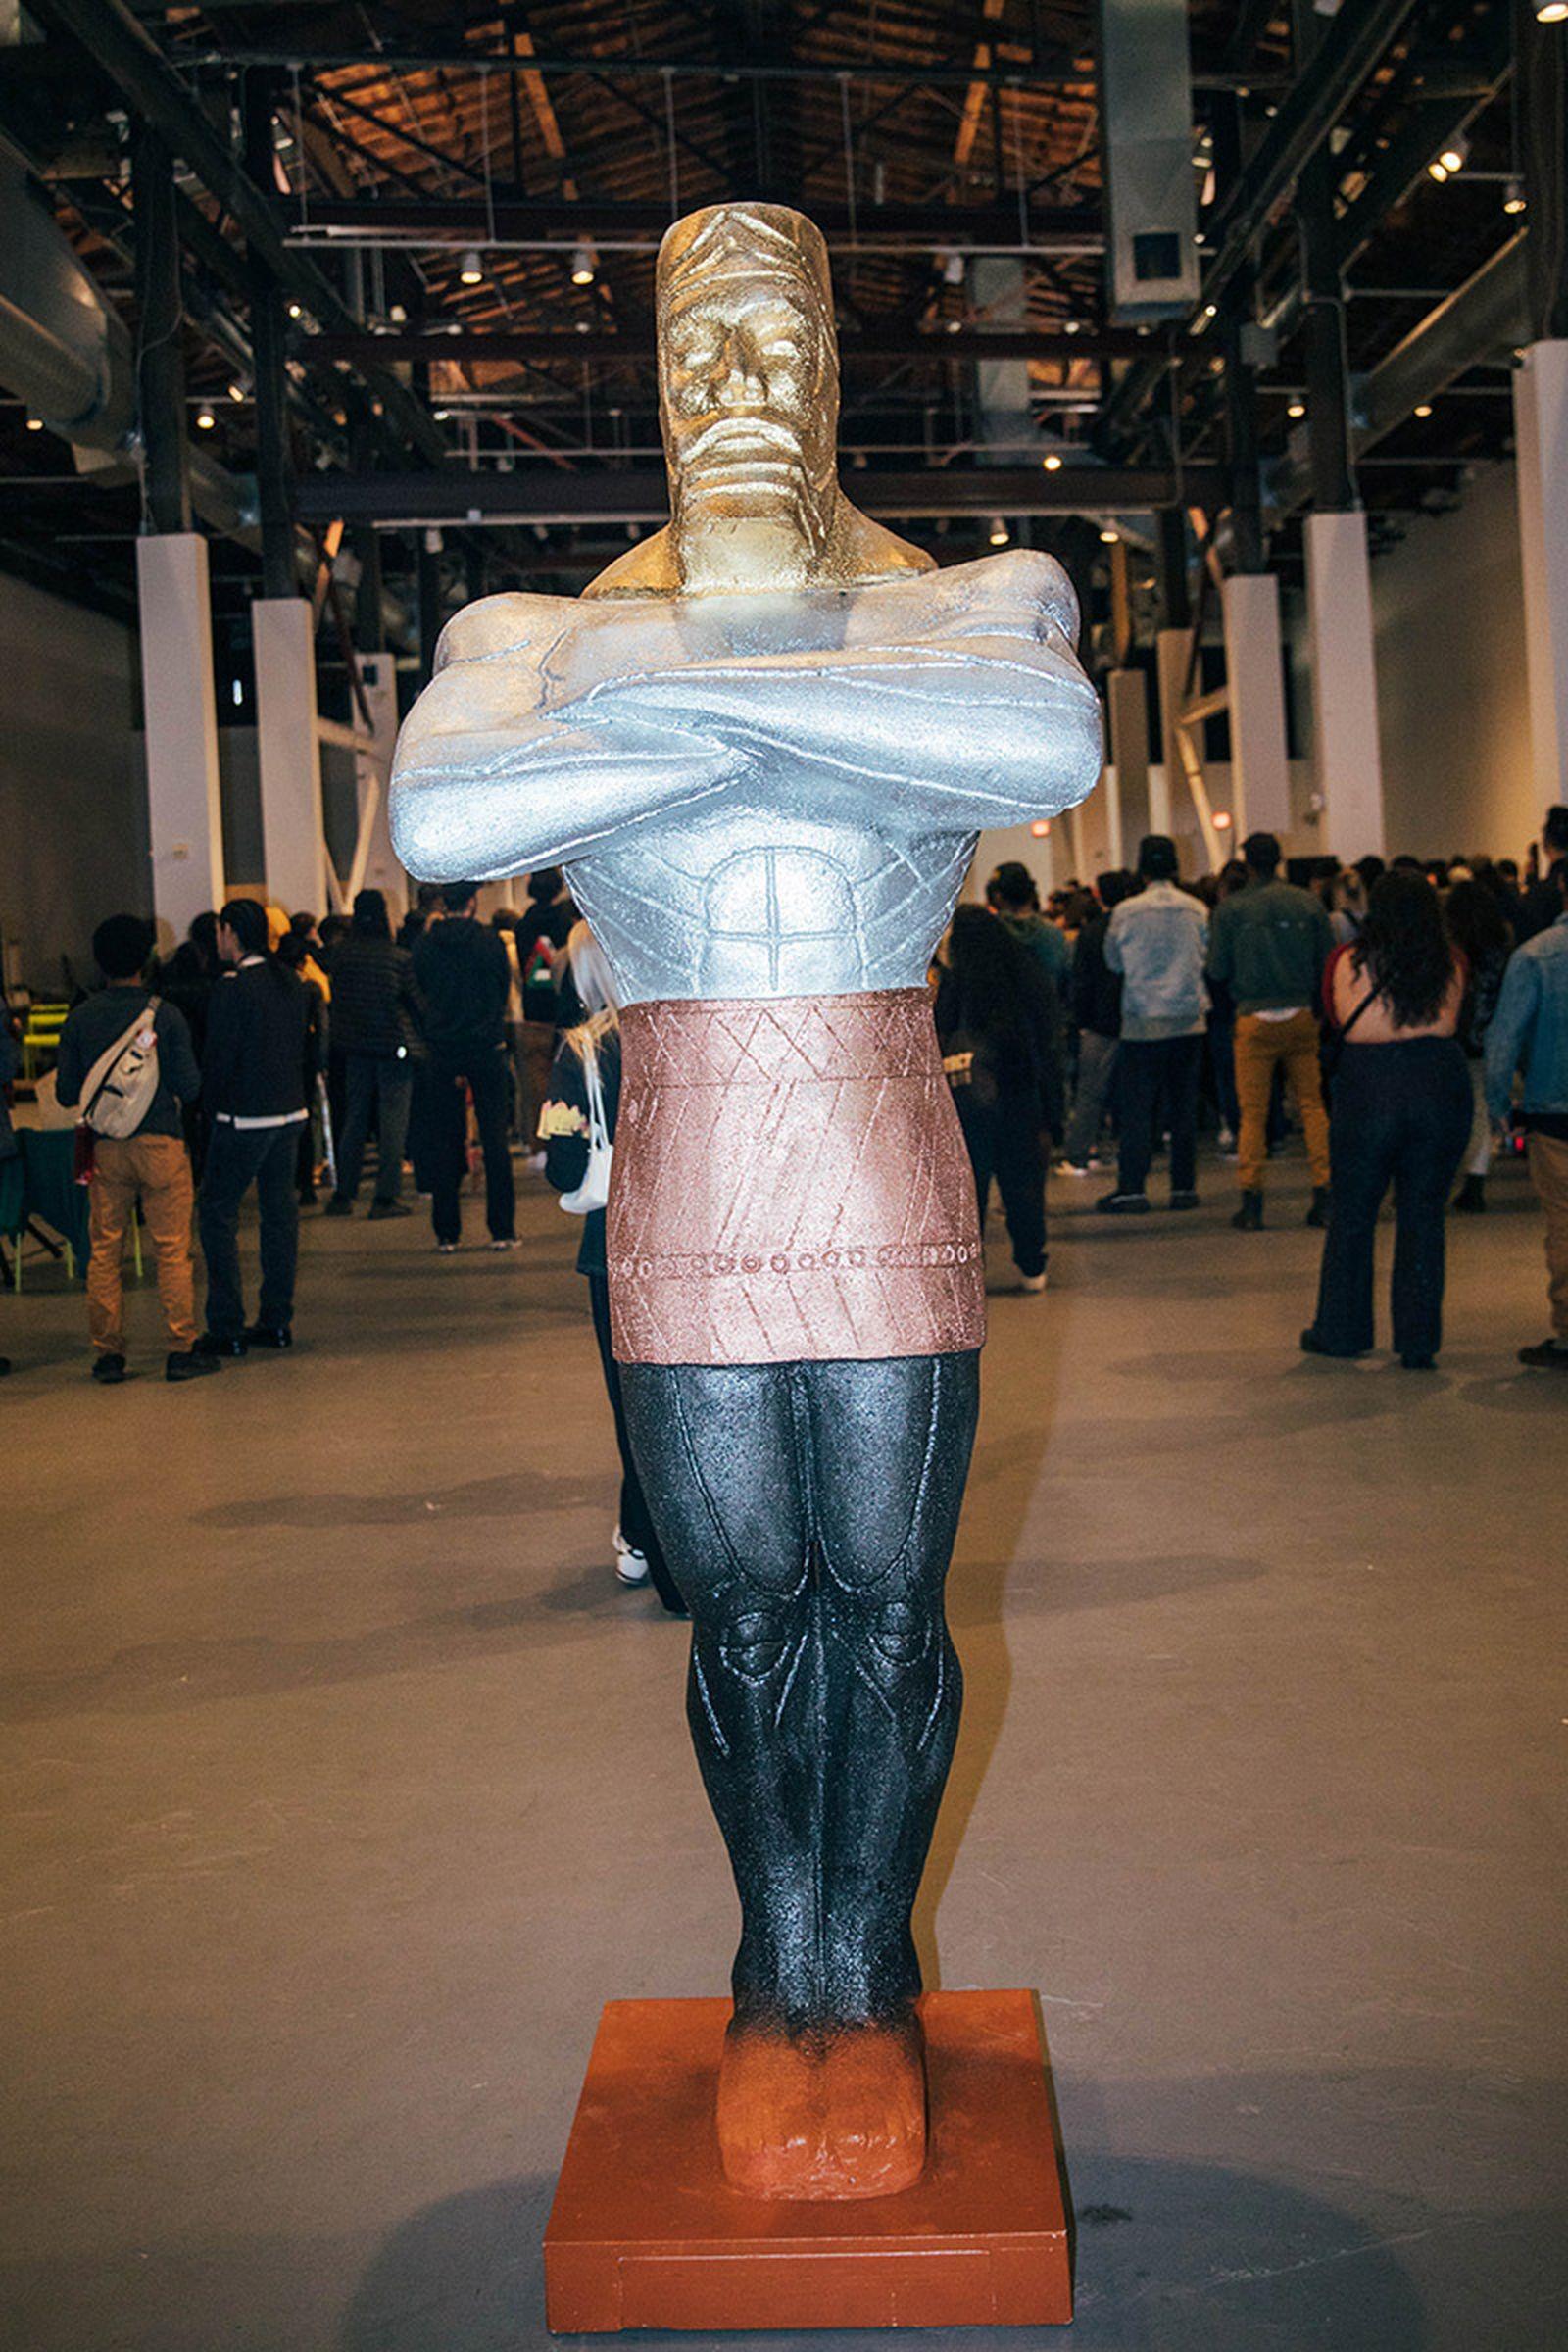 earl-sweatshirt-museum-of-contemporary-art-event-recap-01